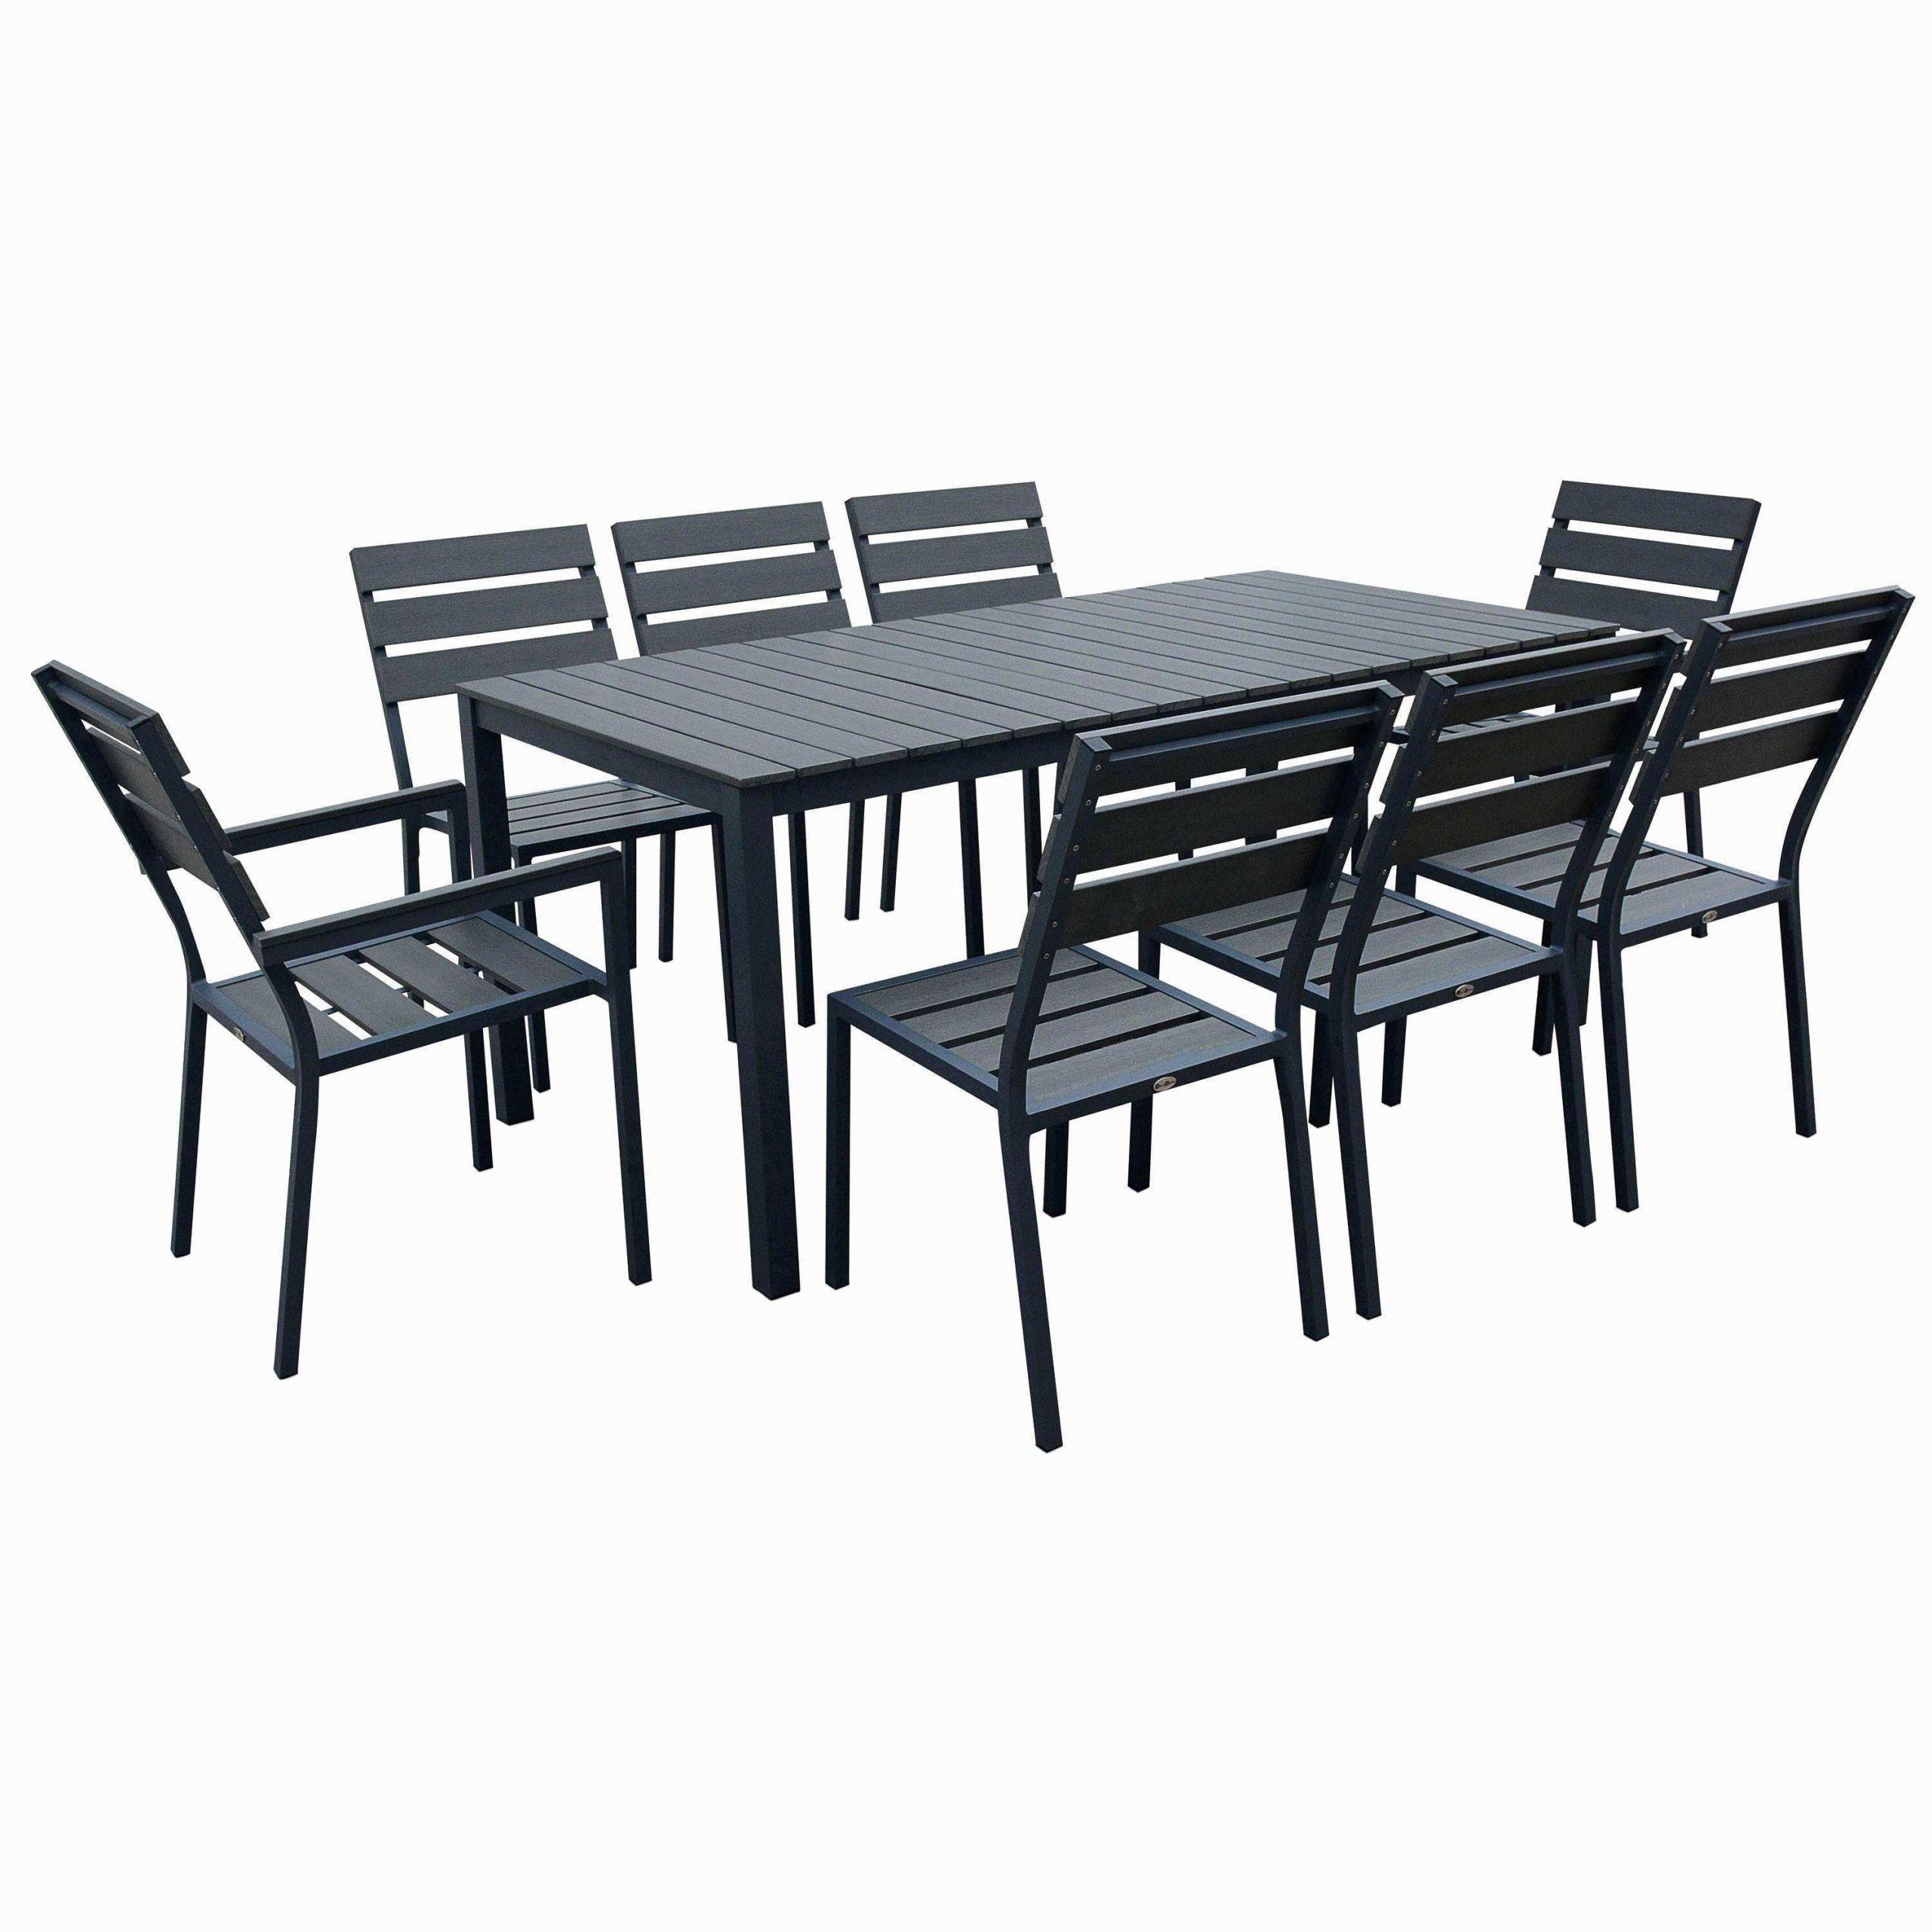 Table Chaise Terrasse Élégant Table Terrasse Pas Cher ... avec Table Et Chaise De Jardin En Teck Pas Cher